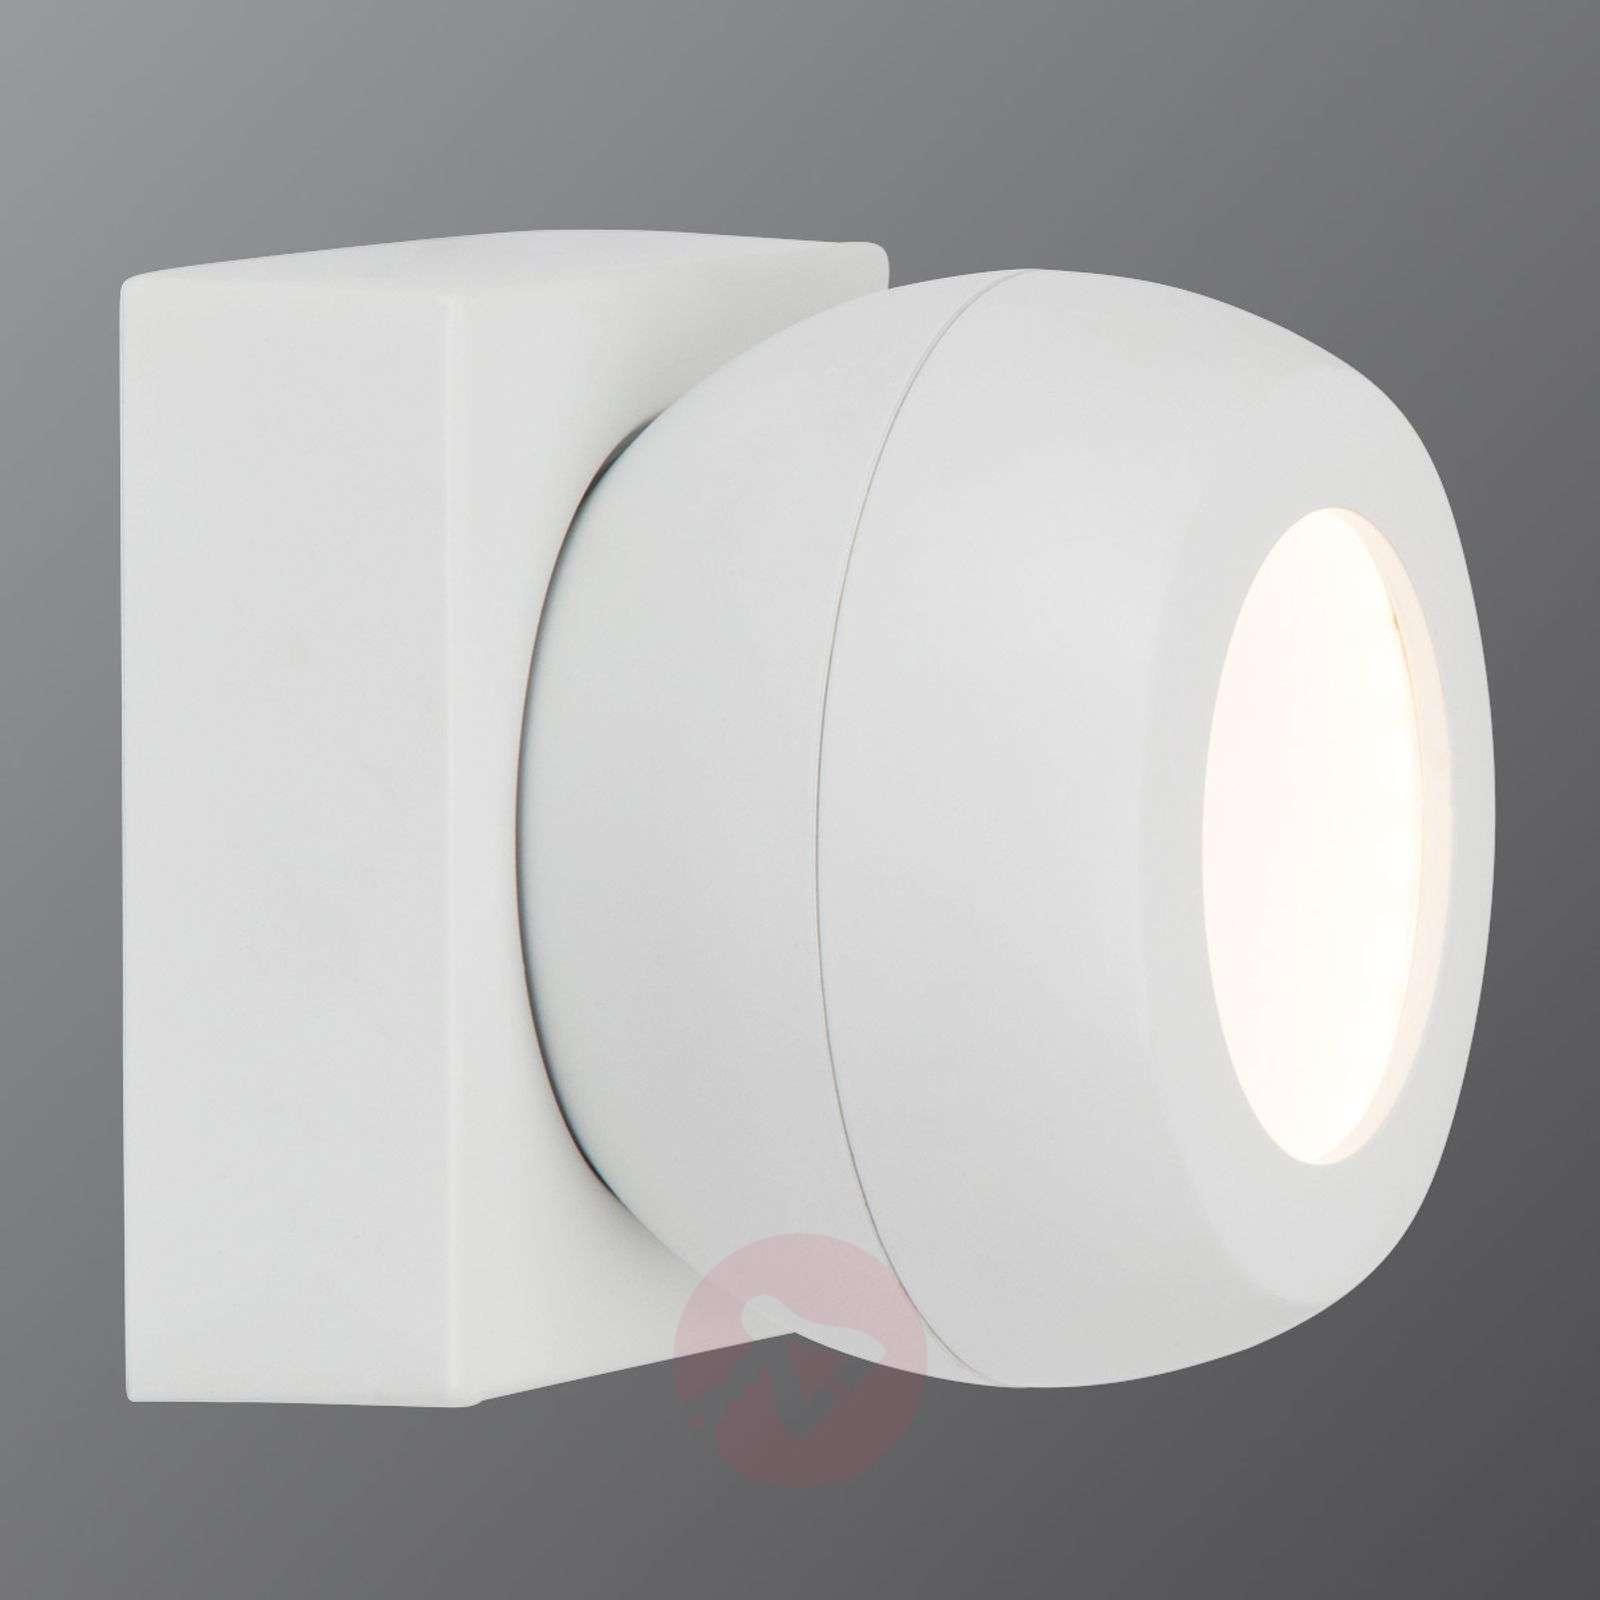 Balleo himmennettävä LED-seinäspotti AEG:lta-3057041-01